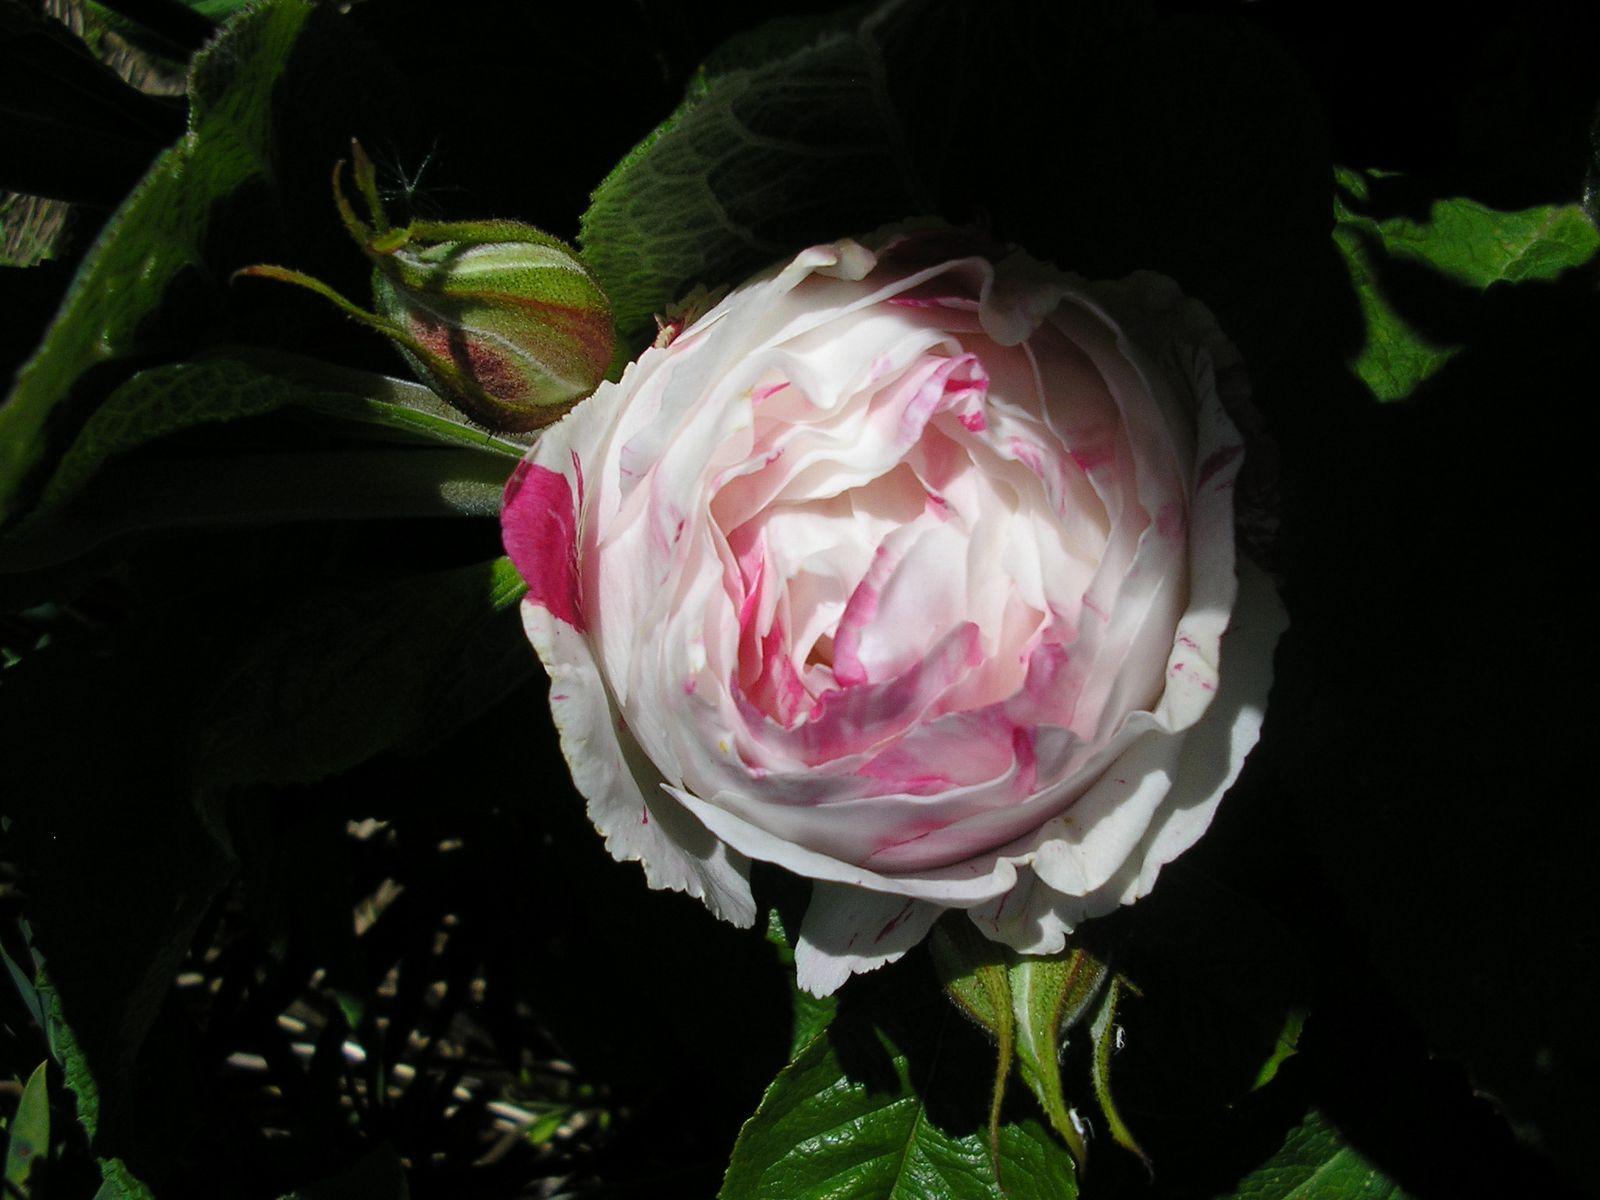 Un rosier inconnu